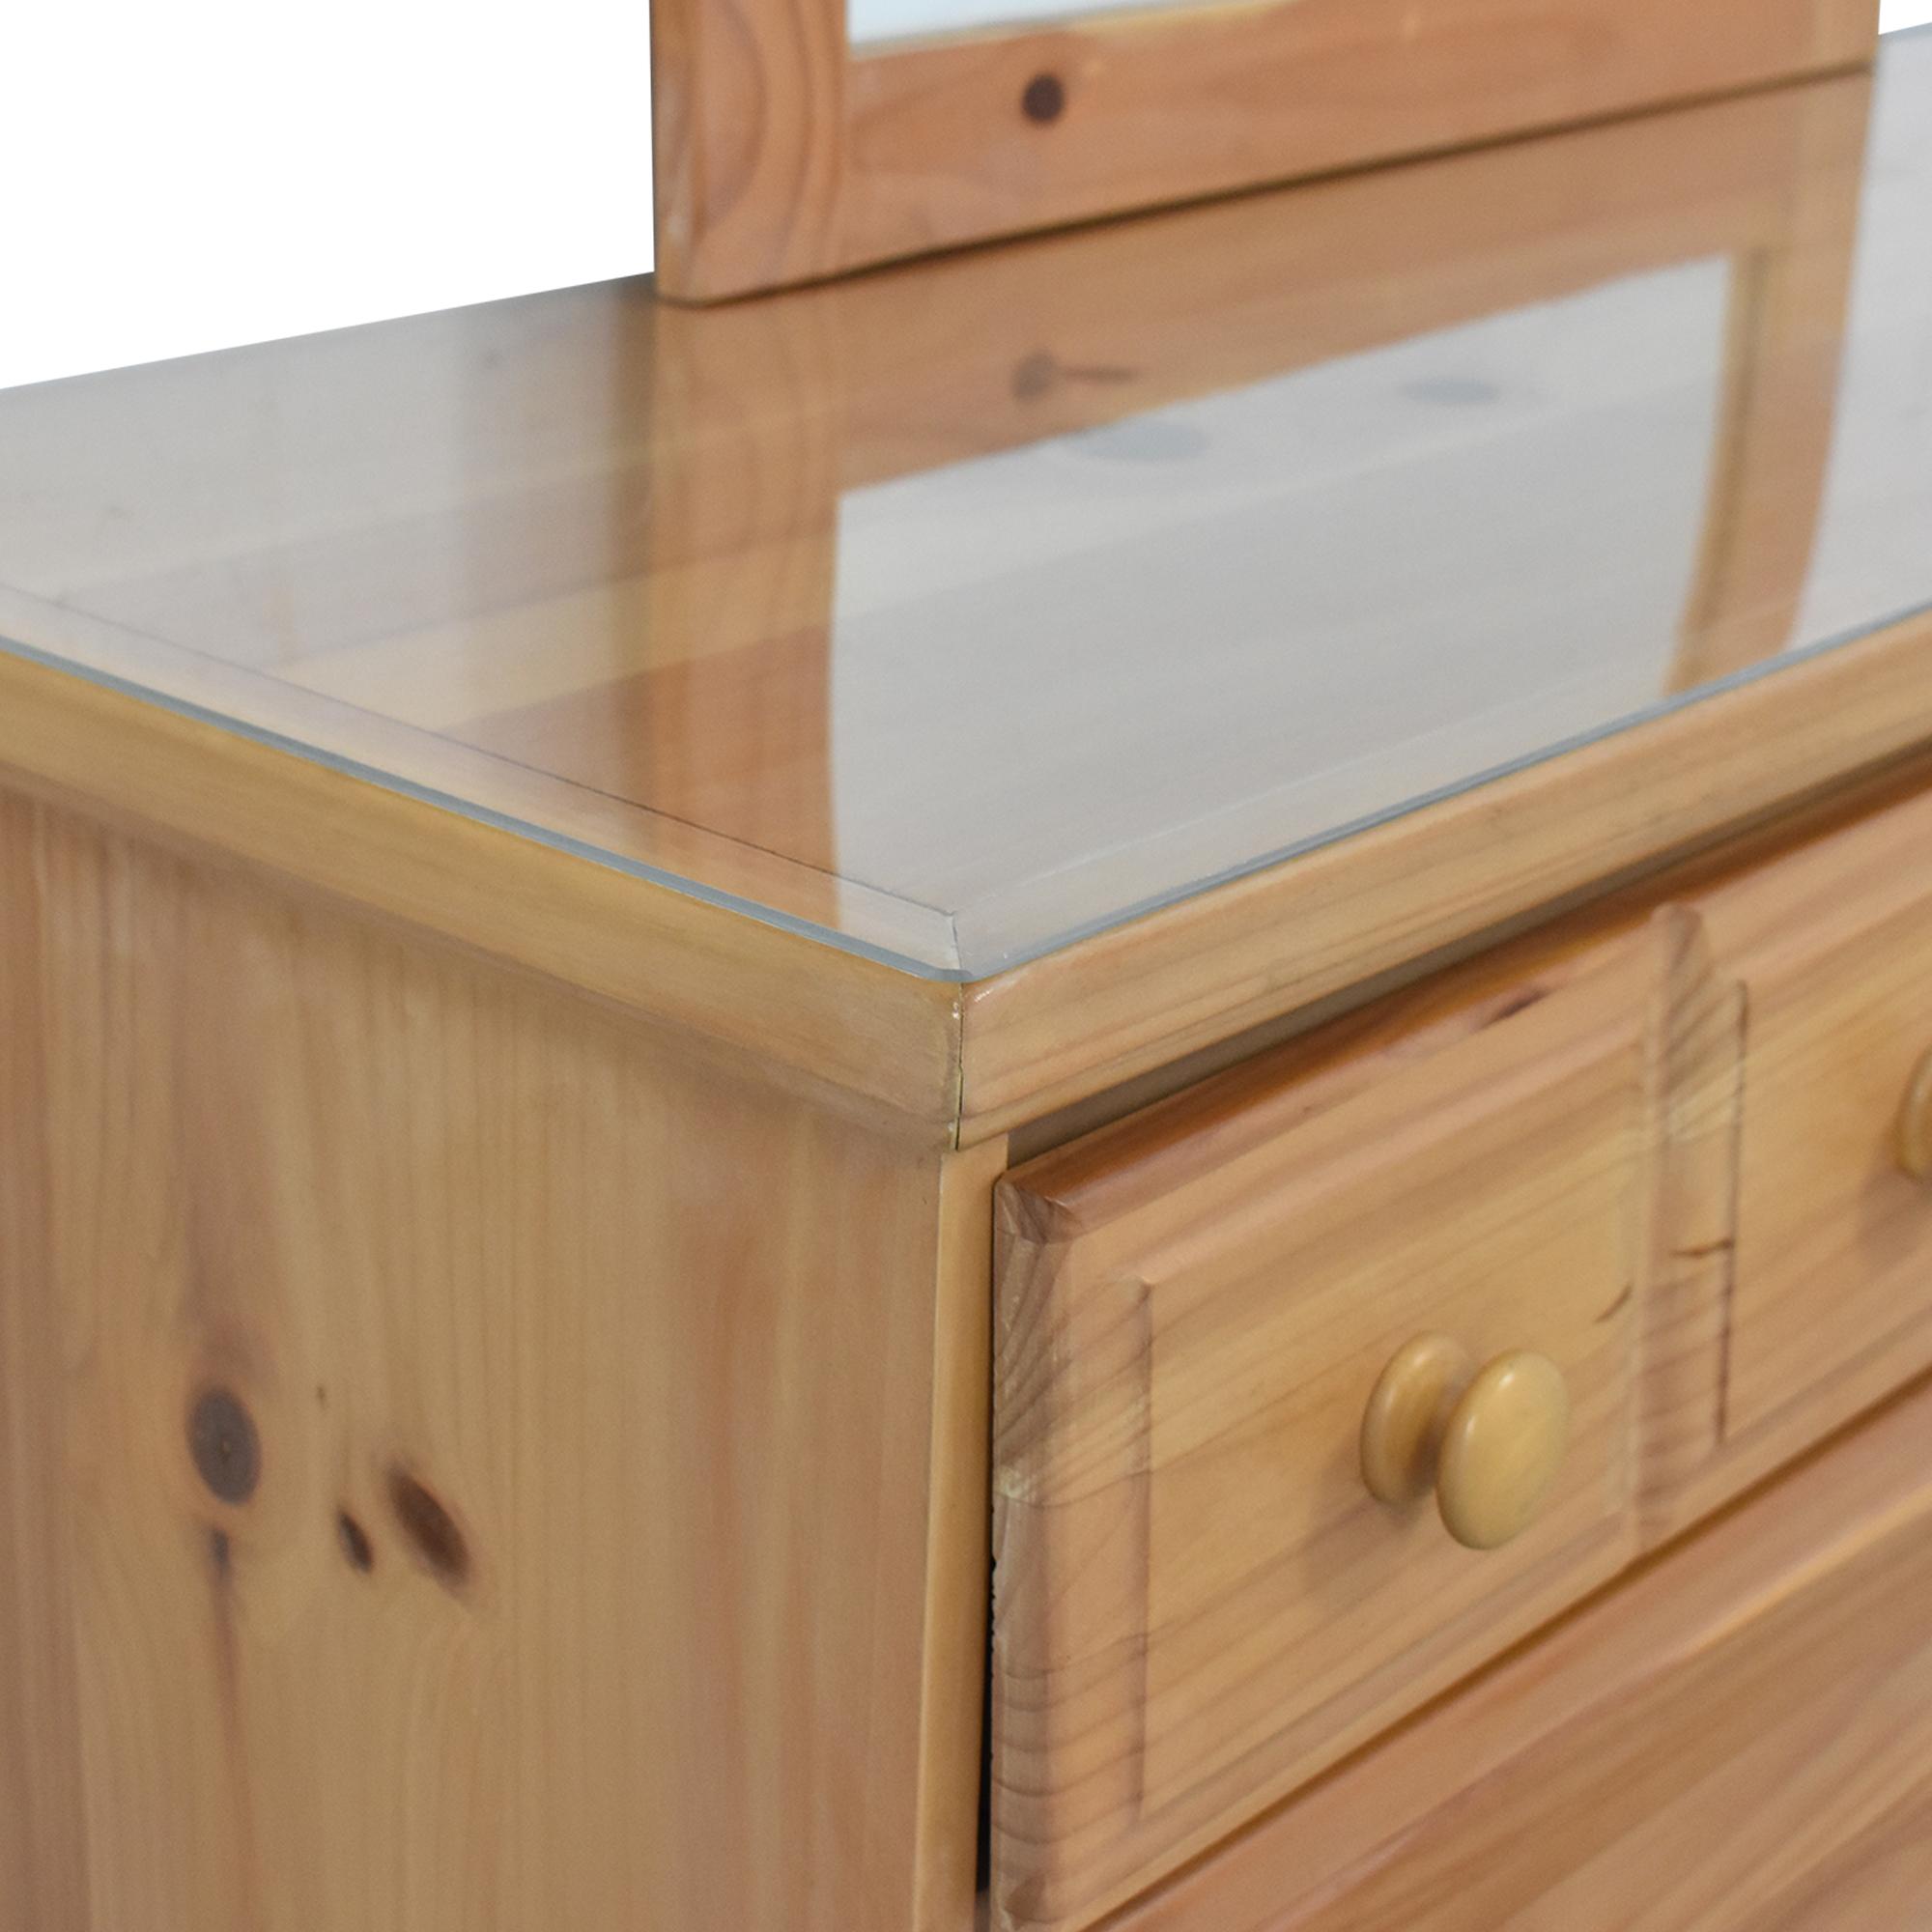 Vaughan-Bassett Vaughan-Bassett Six Drawer Dresser and Mirror Storage